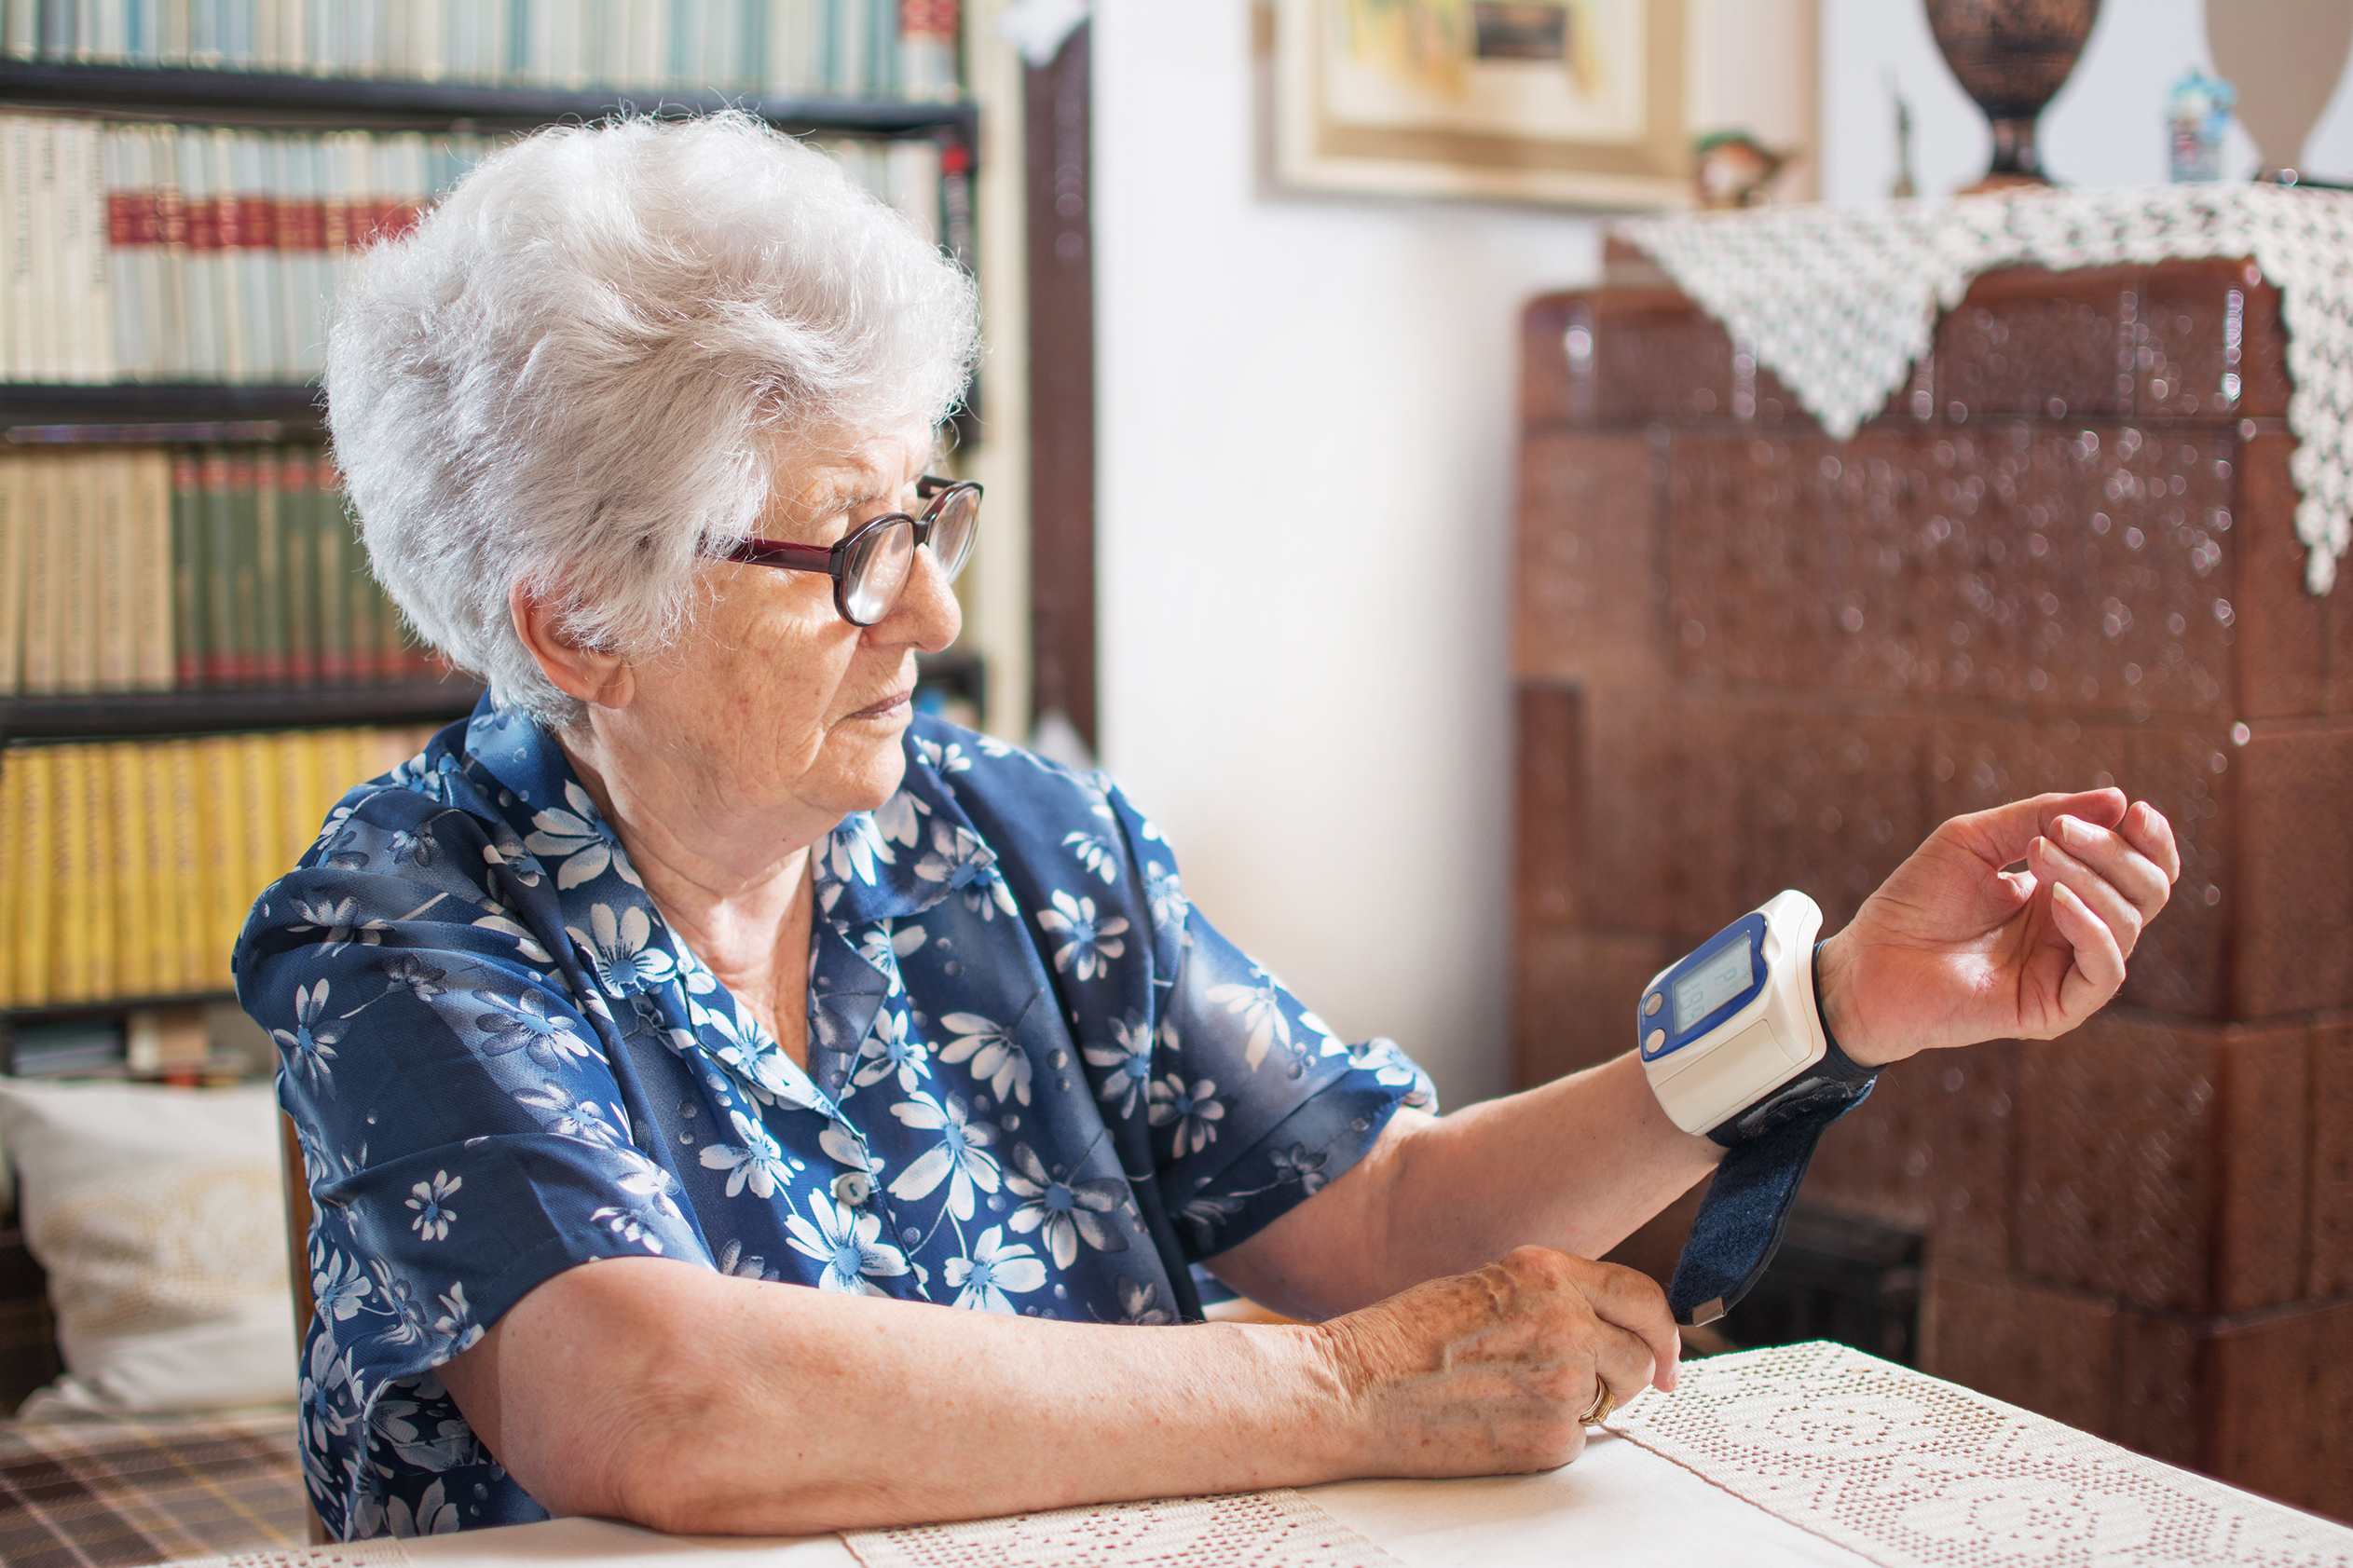 Mätning av blodtryck i hemmet kan underlätta för läkare vid behandling av högt blodtryck.